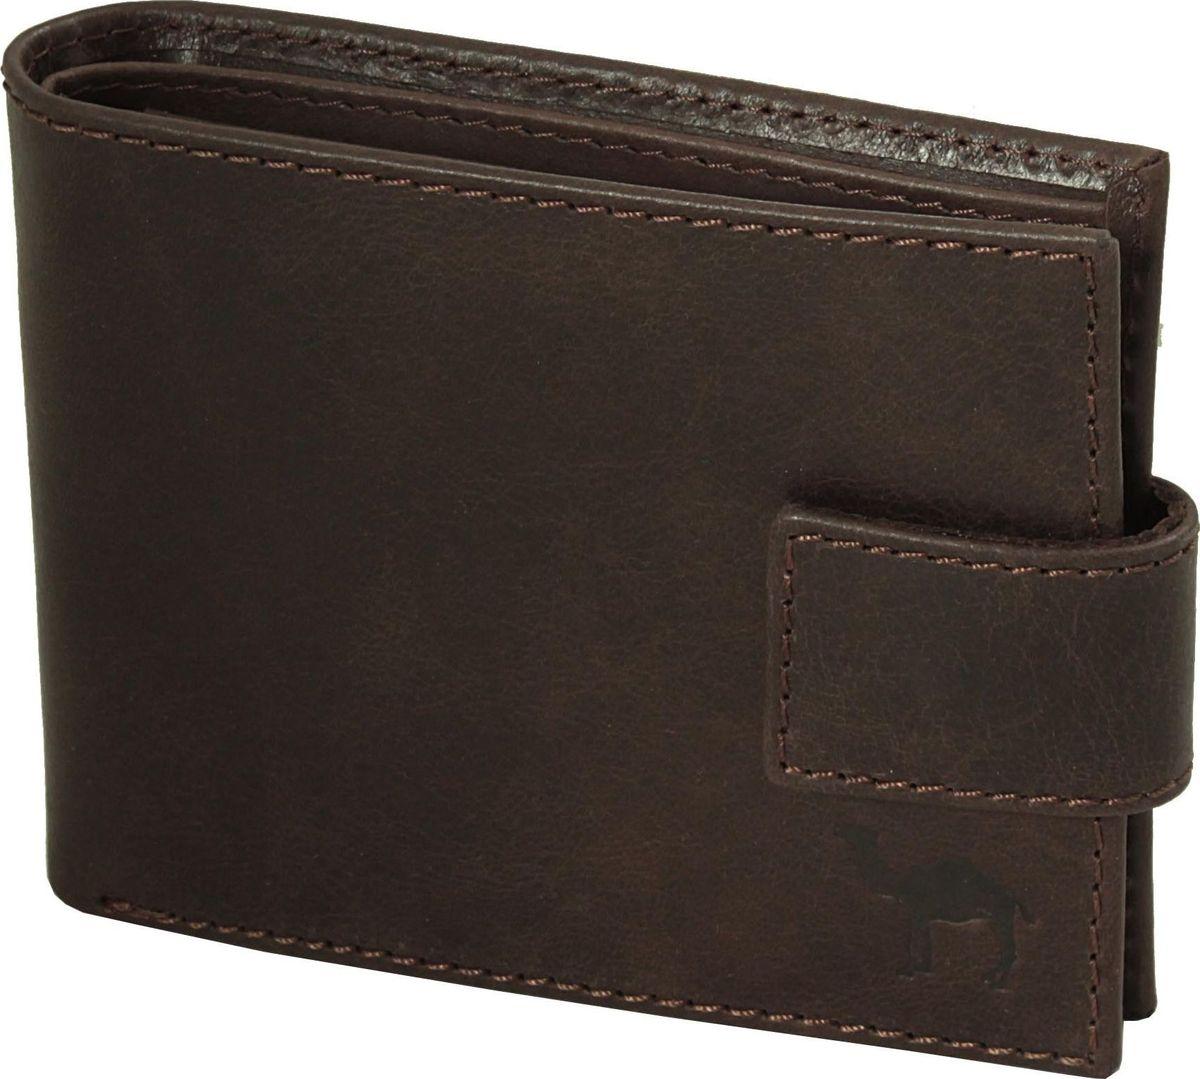 Портмоне мужское Dimanche Camel, цвет: коричневый. 634/К634/К_коричневыйУдобное функциональное портмоне из натуральной кожи. Закрывается хлястиком на кнопку. Внутри 2 отделения для купюр, дополнительный карман на молнии, обьемный карман для мелочи, который закрывается клапаном с потайной кнопкой, 7 карманов для кредитных карт.